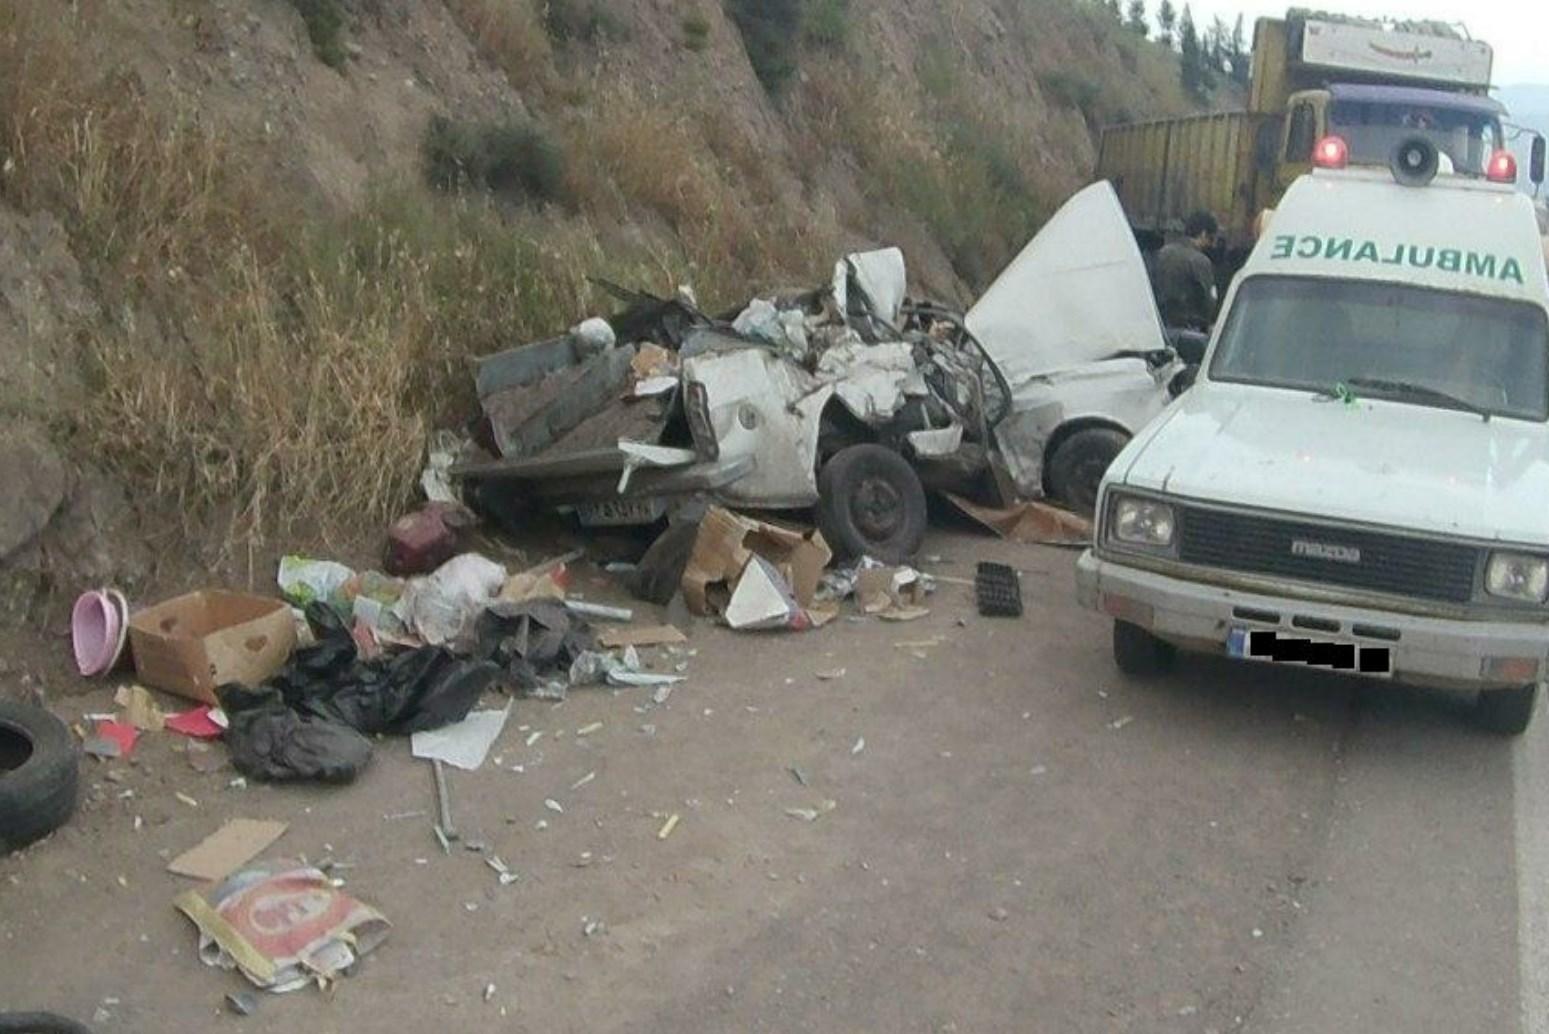 تصادف مرگبار در جاده رستمآباد - رودبار